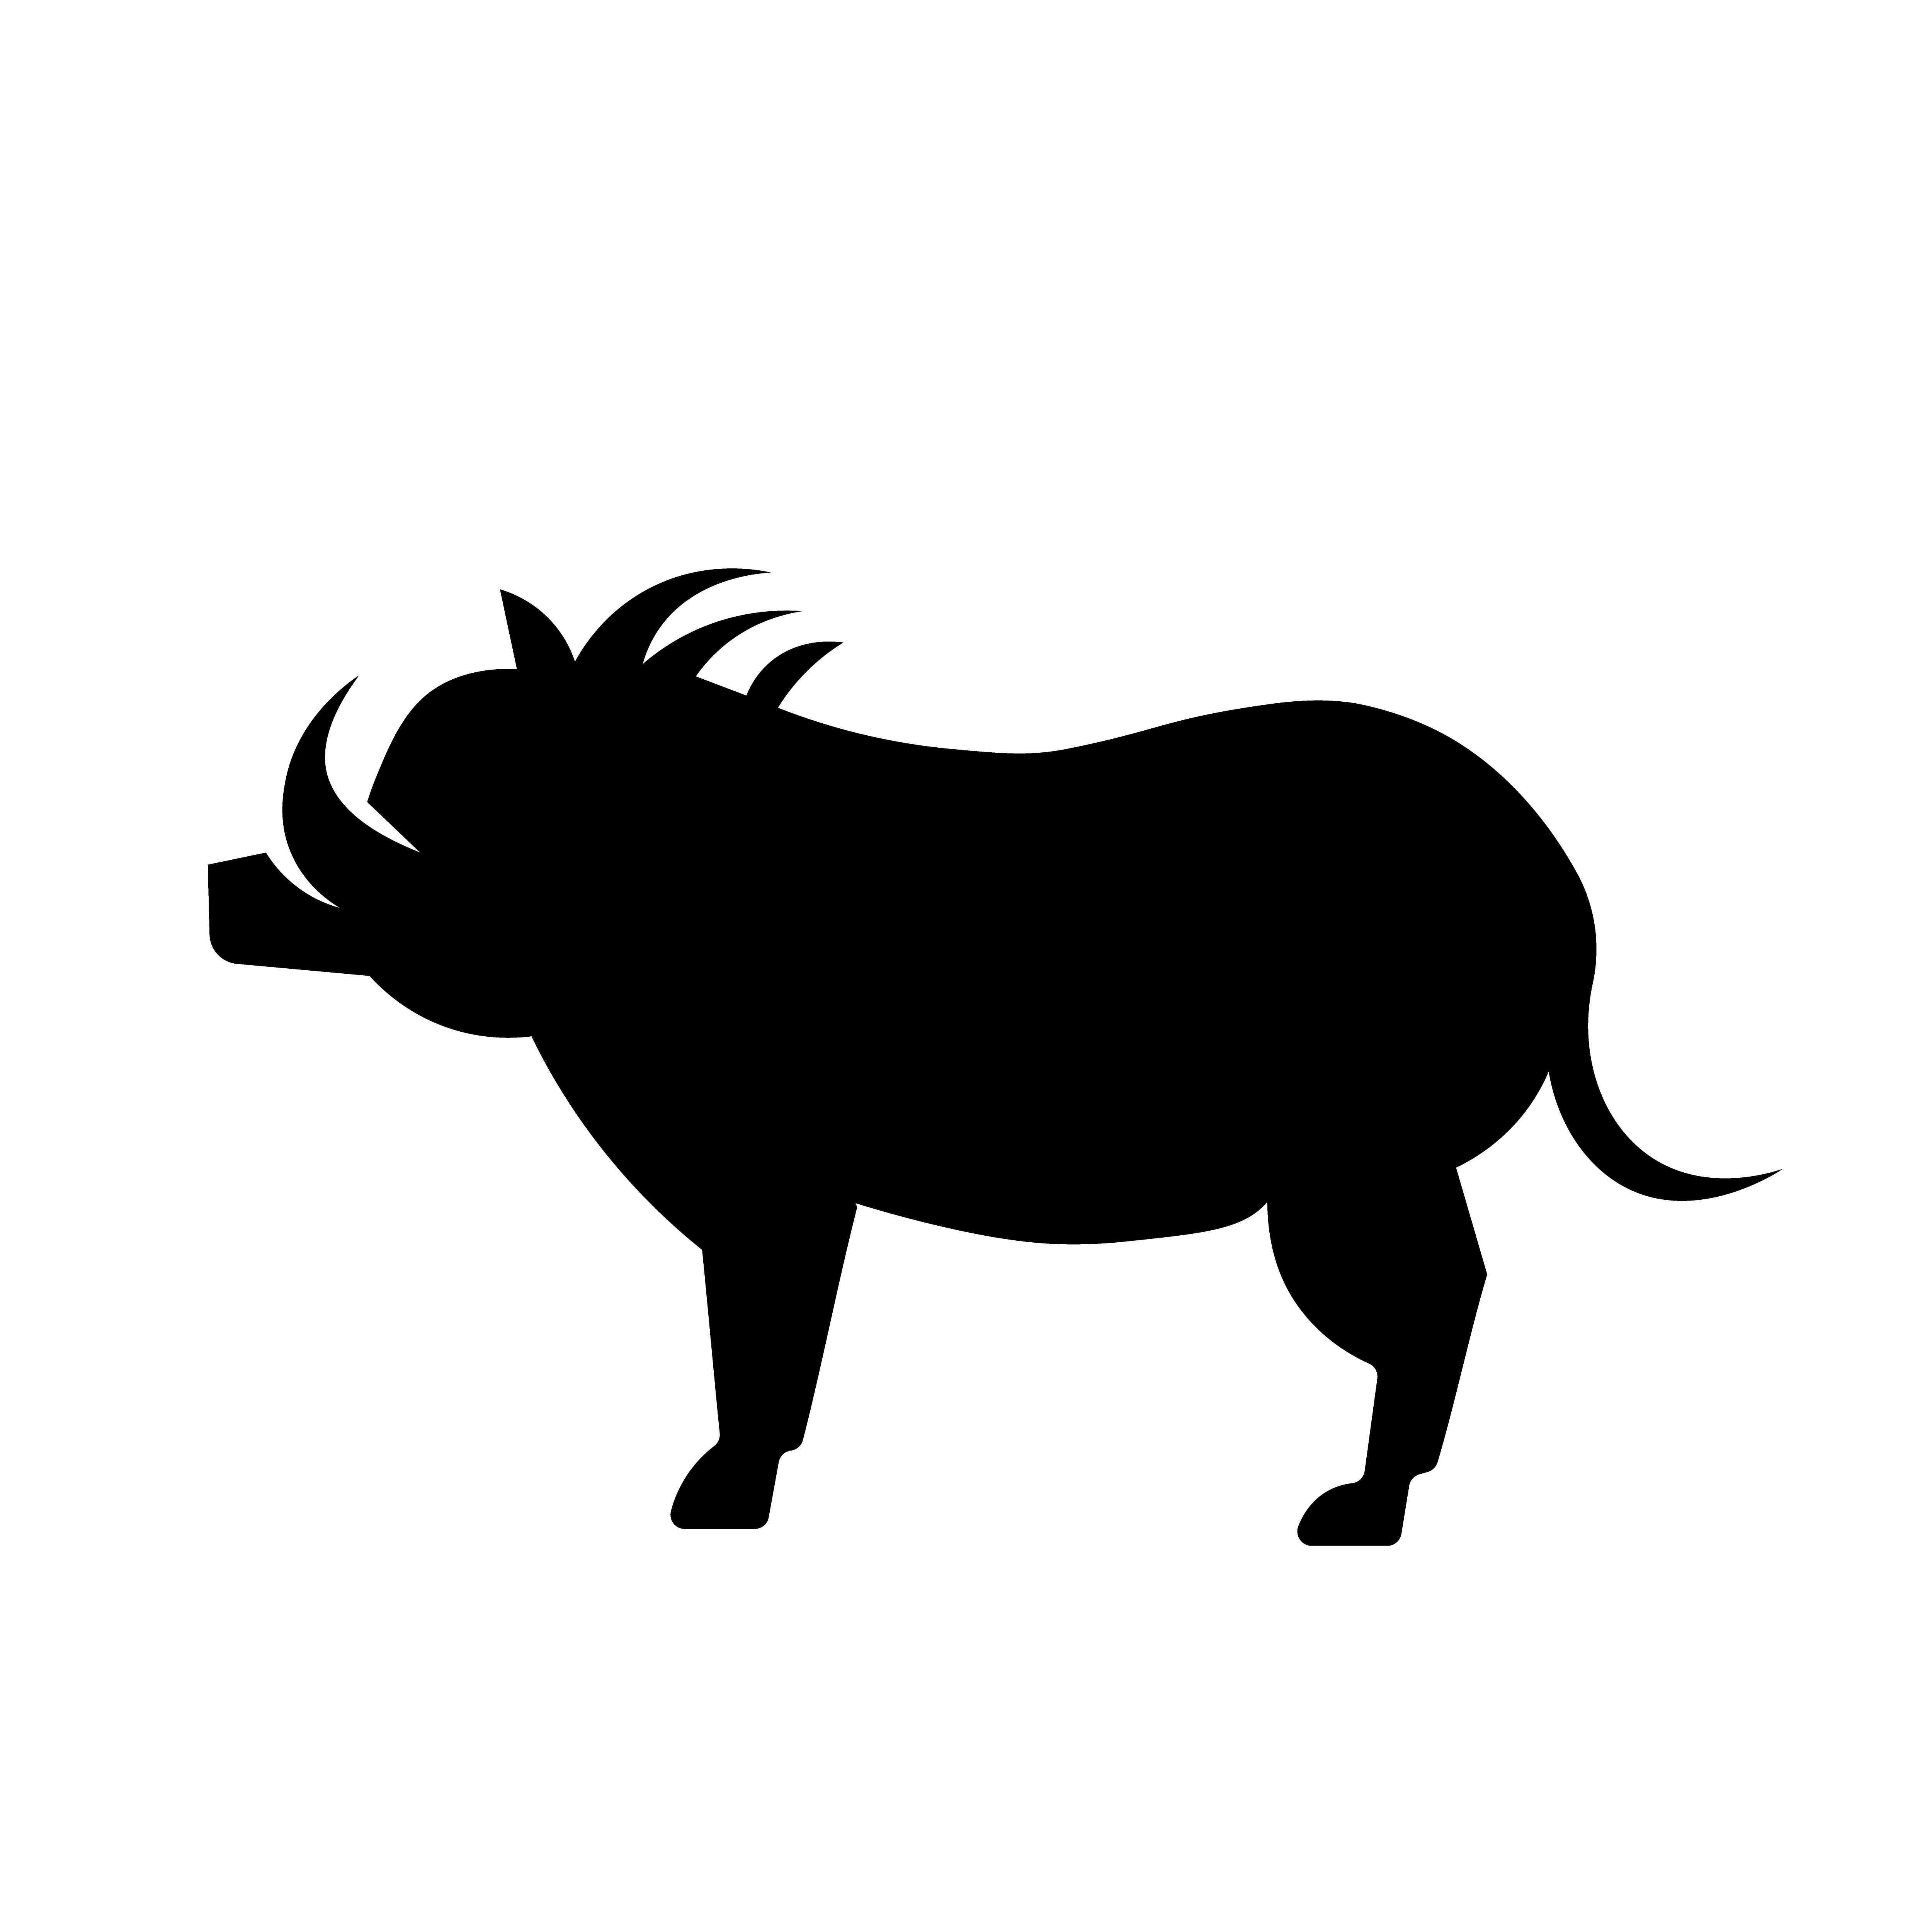 Warthog face clipart jpg transparent download Warthog Free Vector Art - (1,691 Free Downloads) jpg transparent download